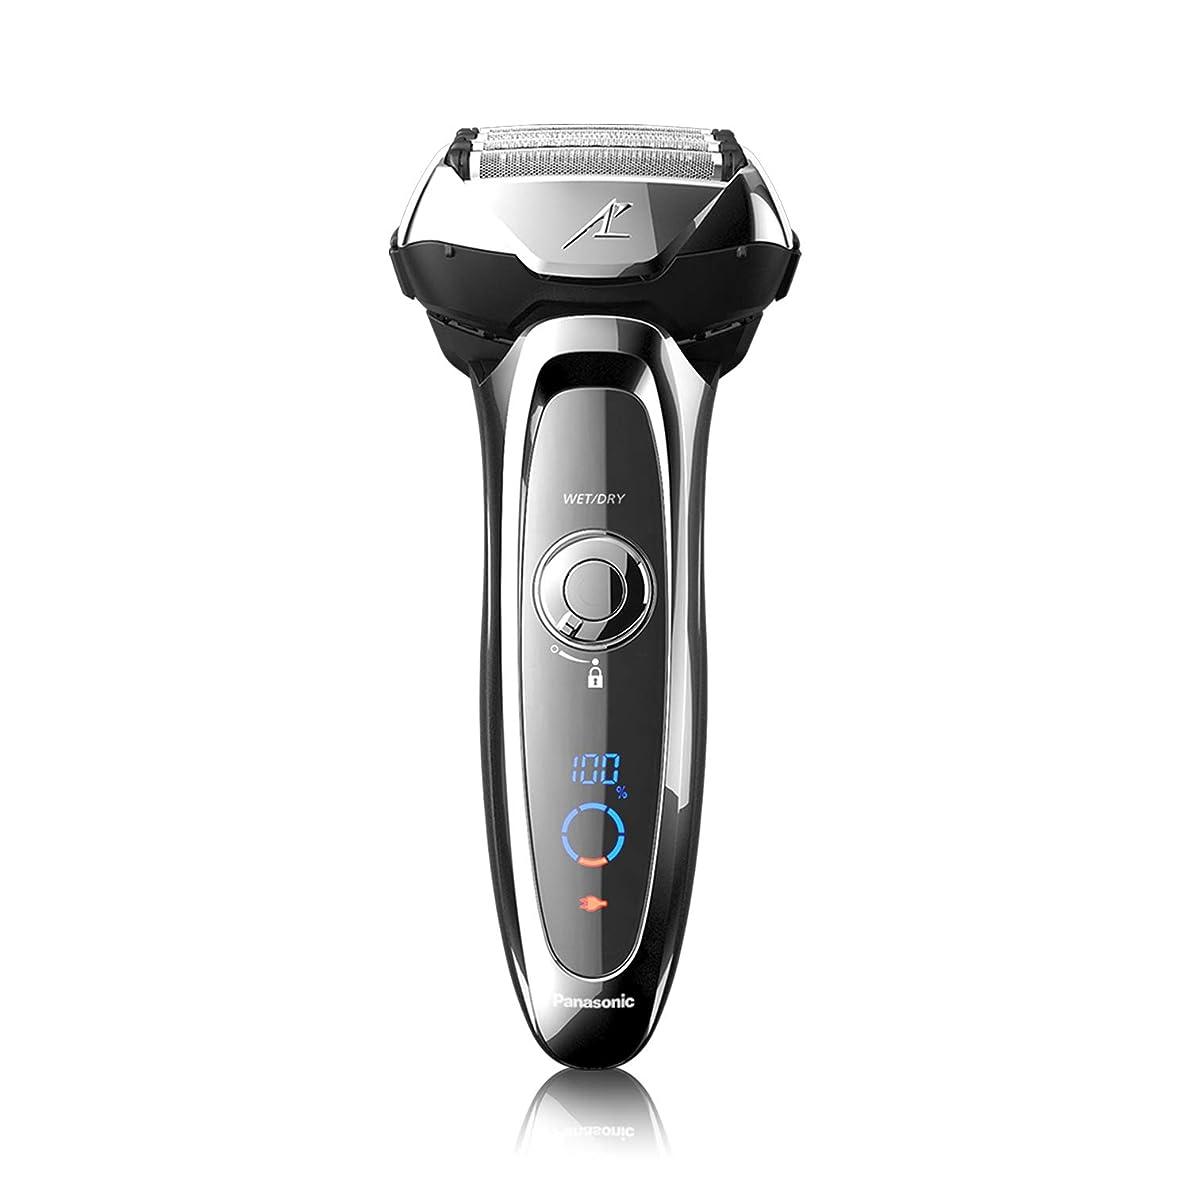 付属品過去介入するPanasonic ES-LV65-S Arc5 Wet/Dry Shaver(US Version, Imported)